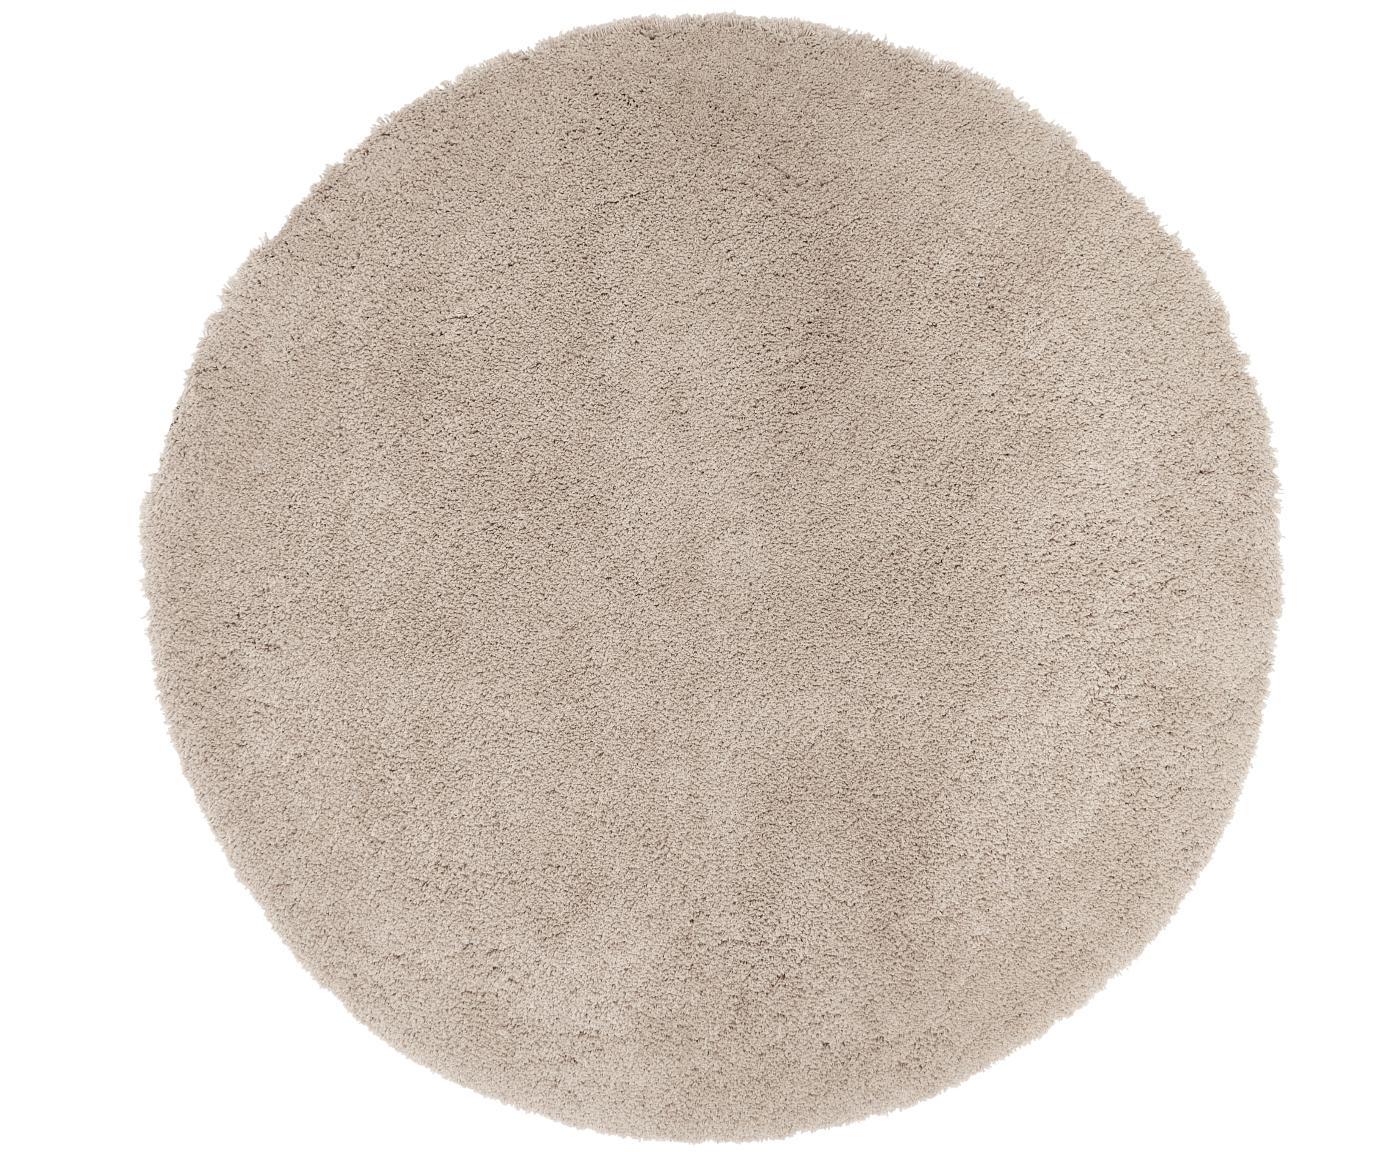 Rond hoogpolig vloerkleed Leighton in beige, Bovenzijde: 100% polyester (microveze, Onderzijde: 100% polyester, Beige, Ø 200 cm